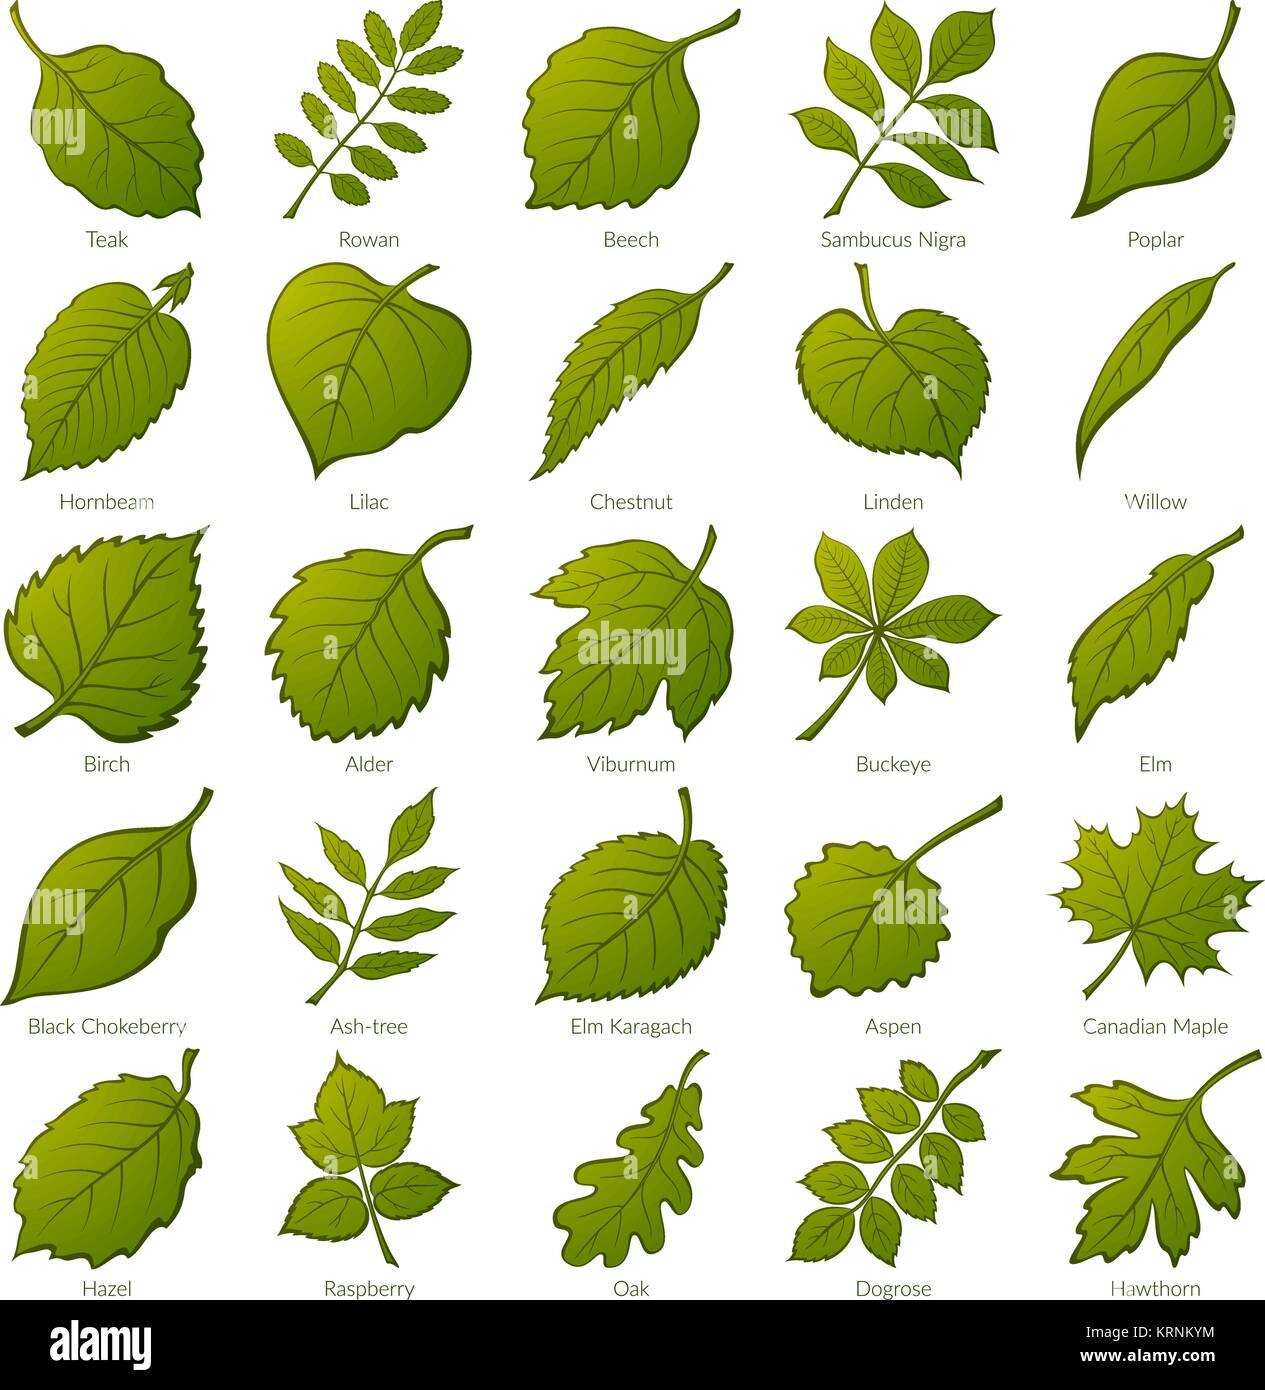 der grüne blätter von verschiedenen pflanzen bäume und